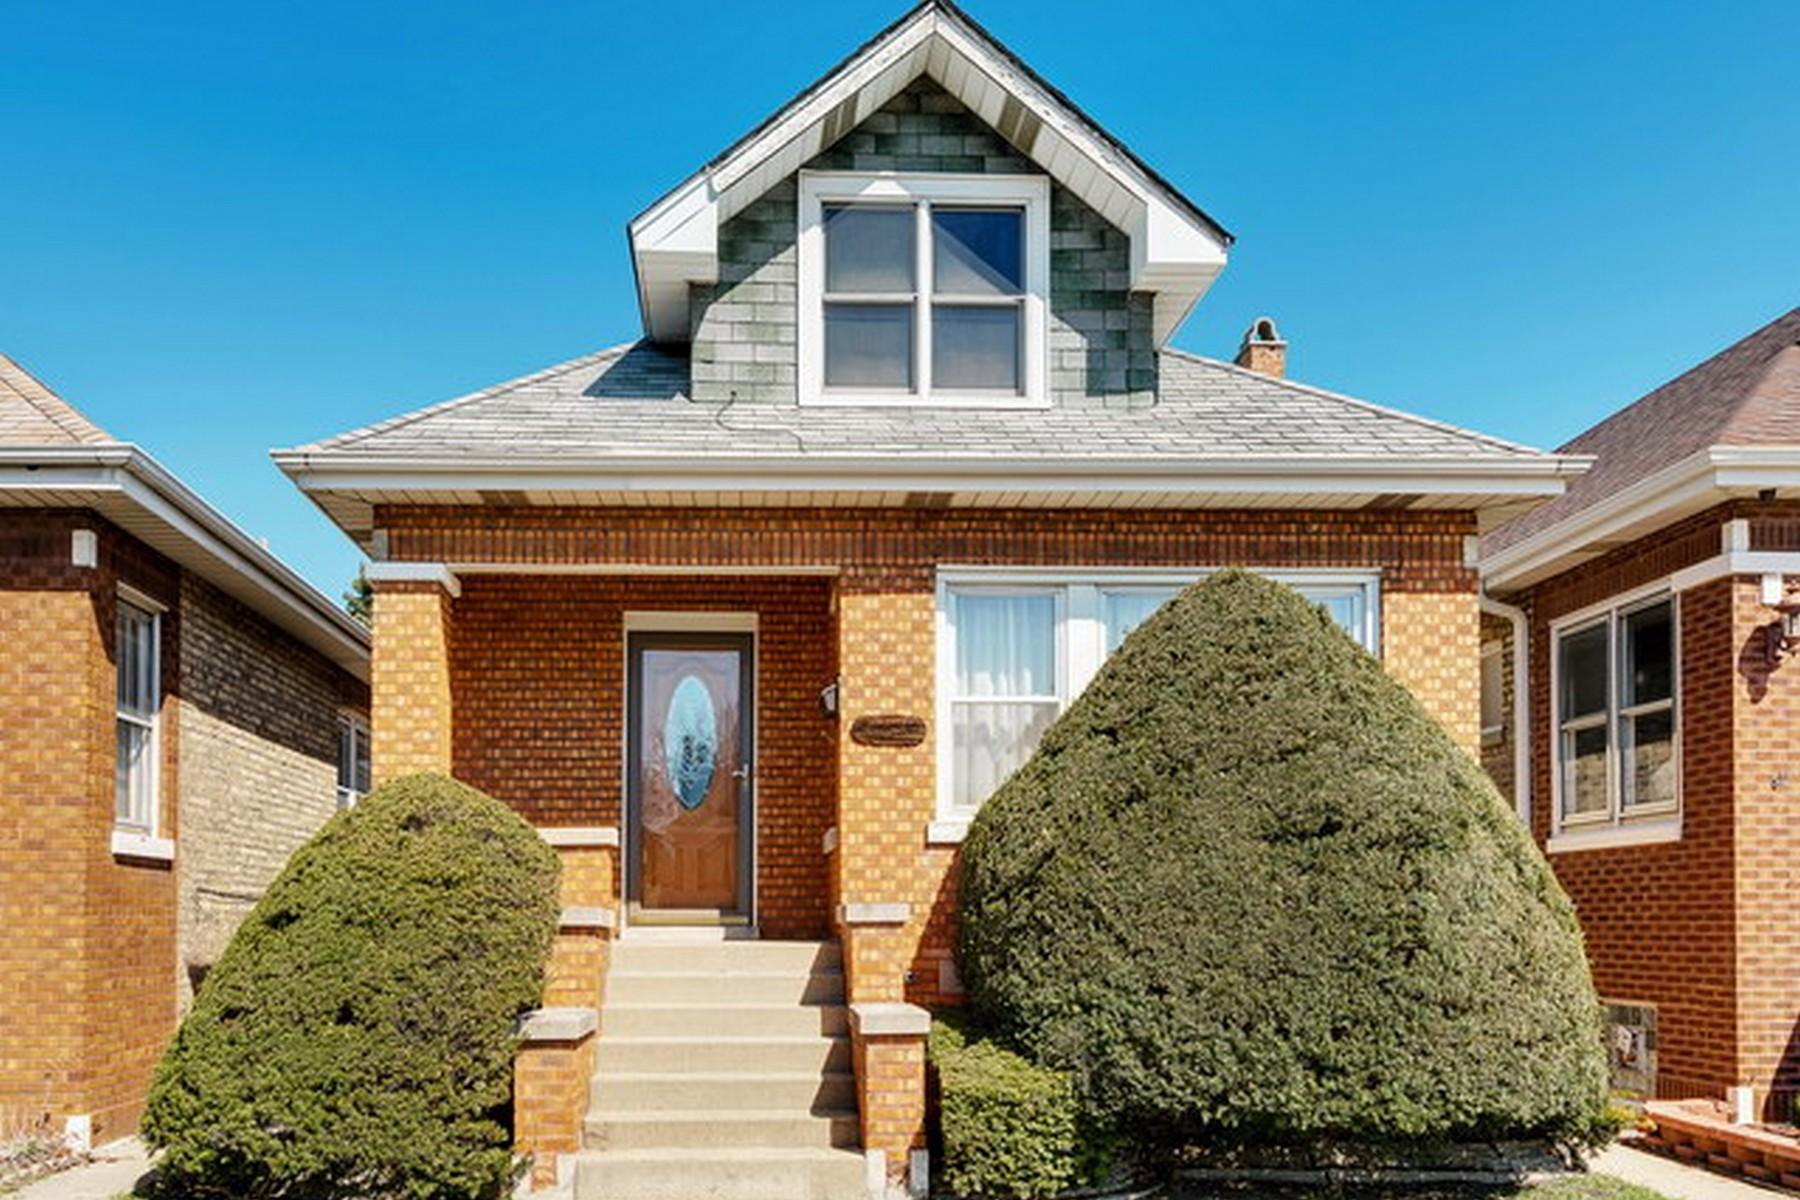 Частный односемейный дом для того Продажа на Meticulously Maintained Bungalow In Portage Park 5738 W Henderson Street Portage Park, Chicago, Иллинойс 60634 Соединенные Штаты